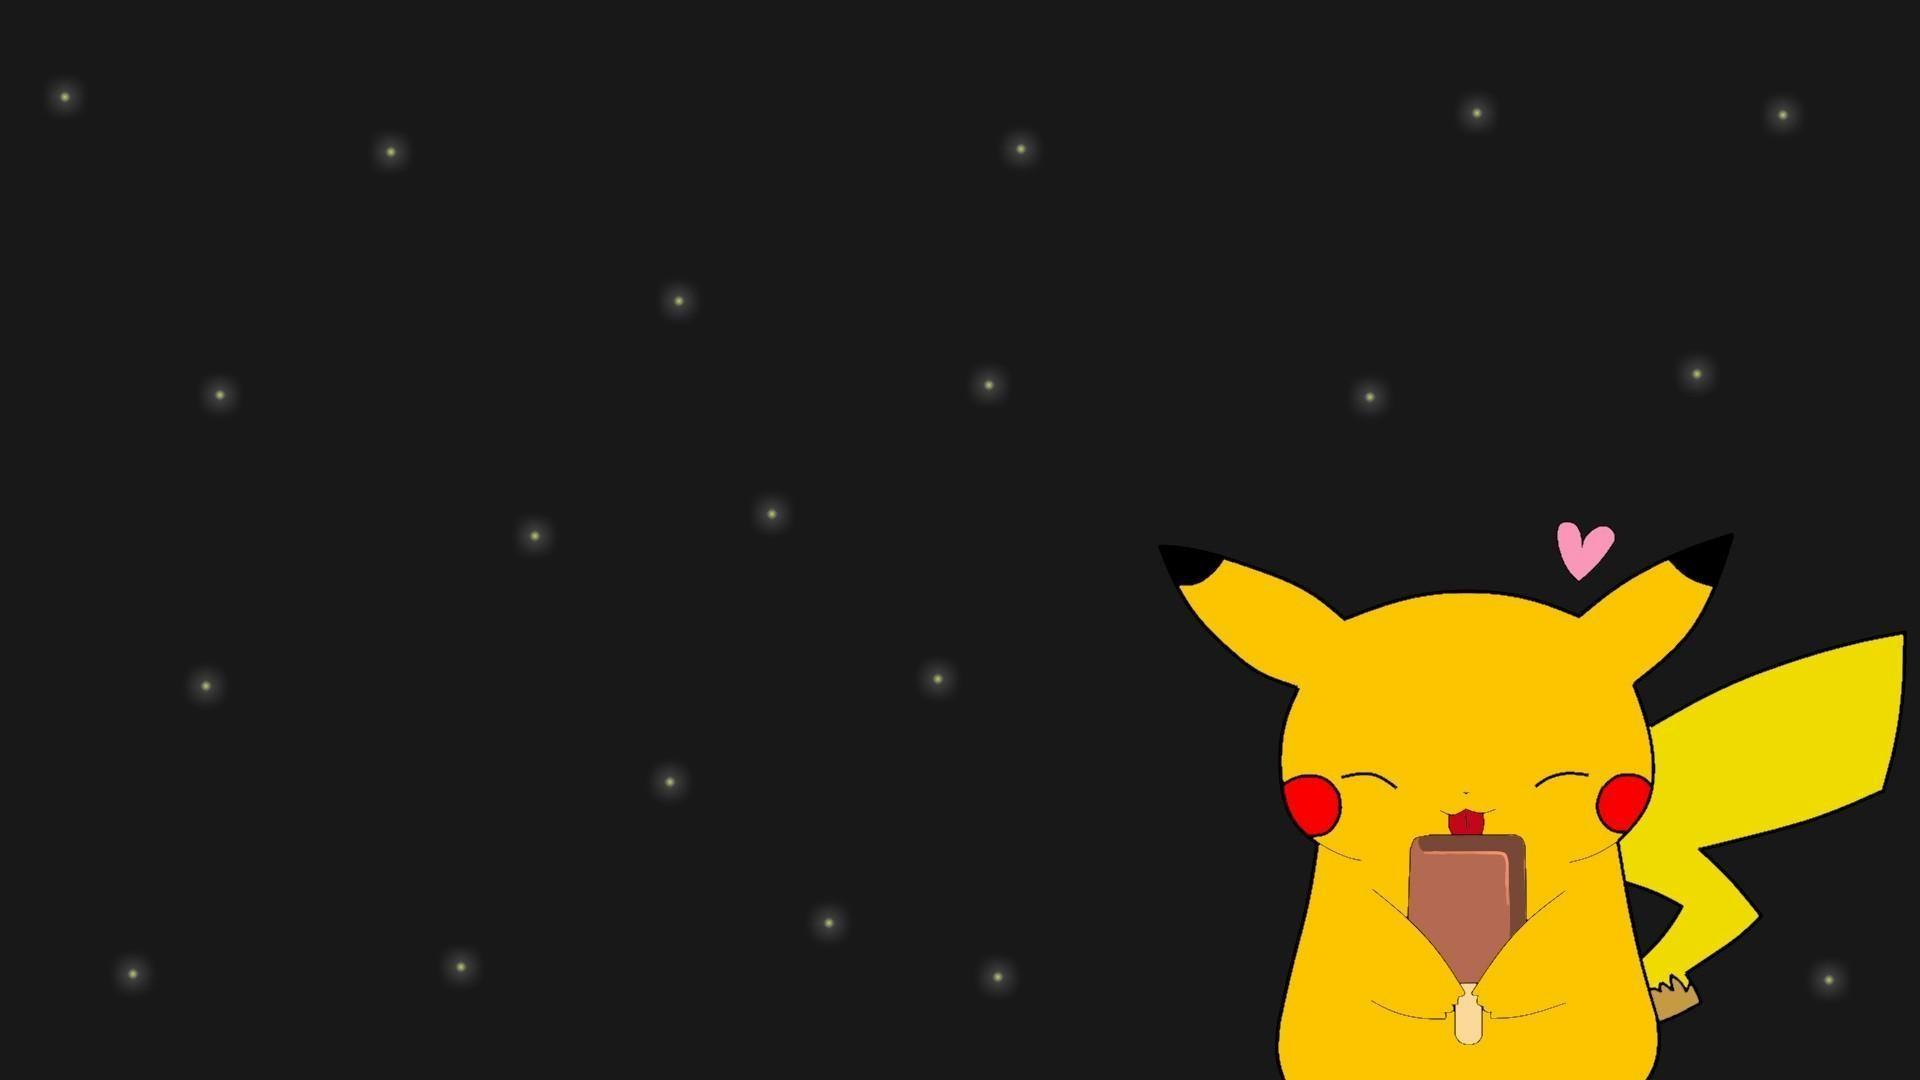 Pikachu-fireflies-ice-cream-wallpaper-HD